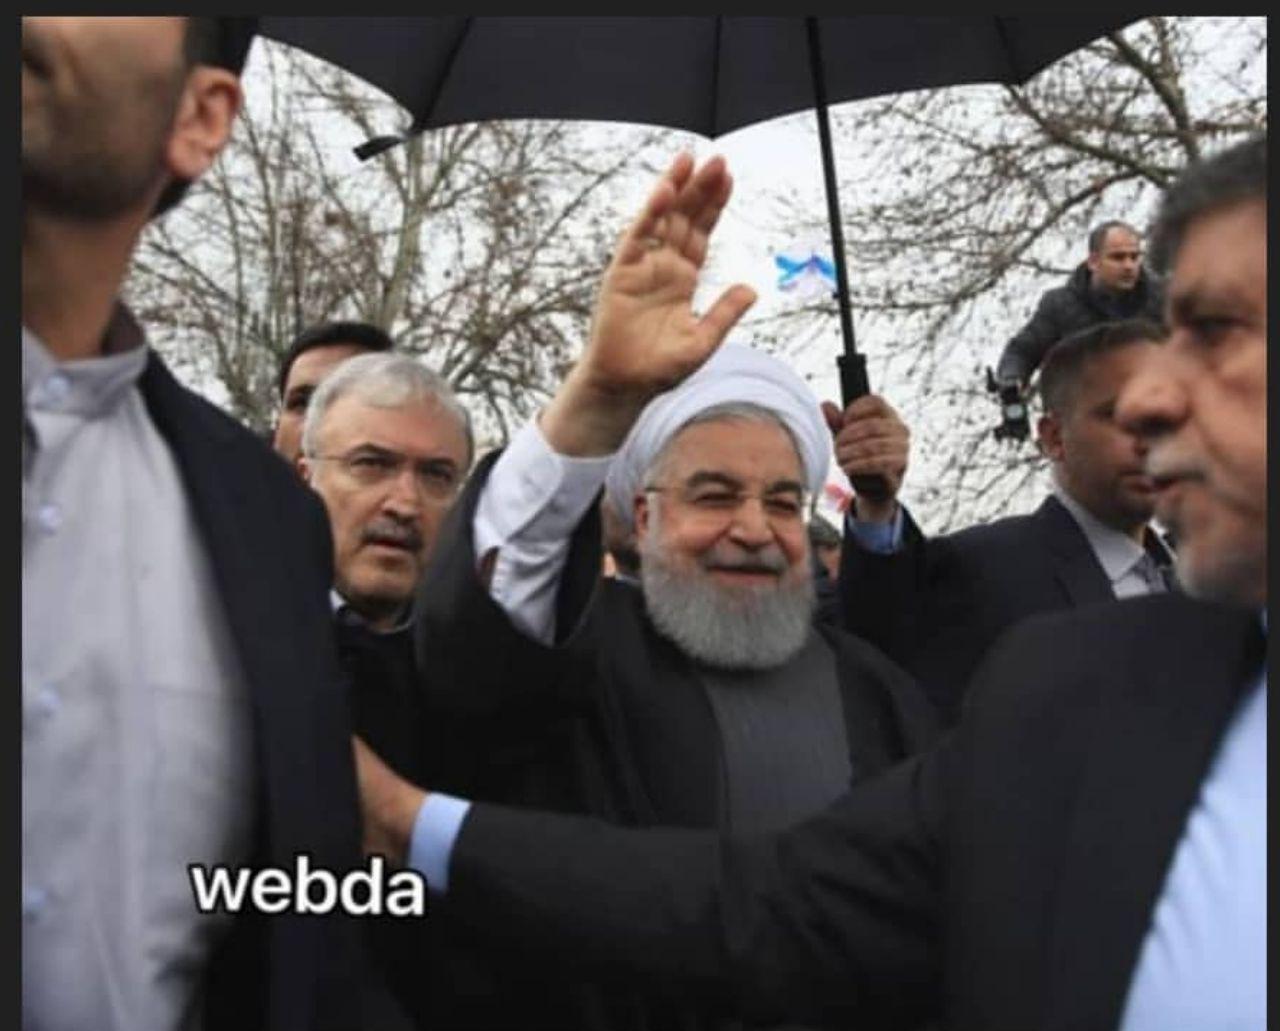 وزیر بهداشت در کنار رییس جمهور در راهپمایی 22 بهمن+عکس